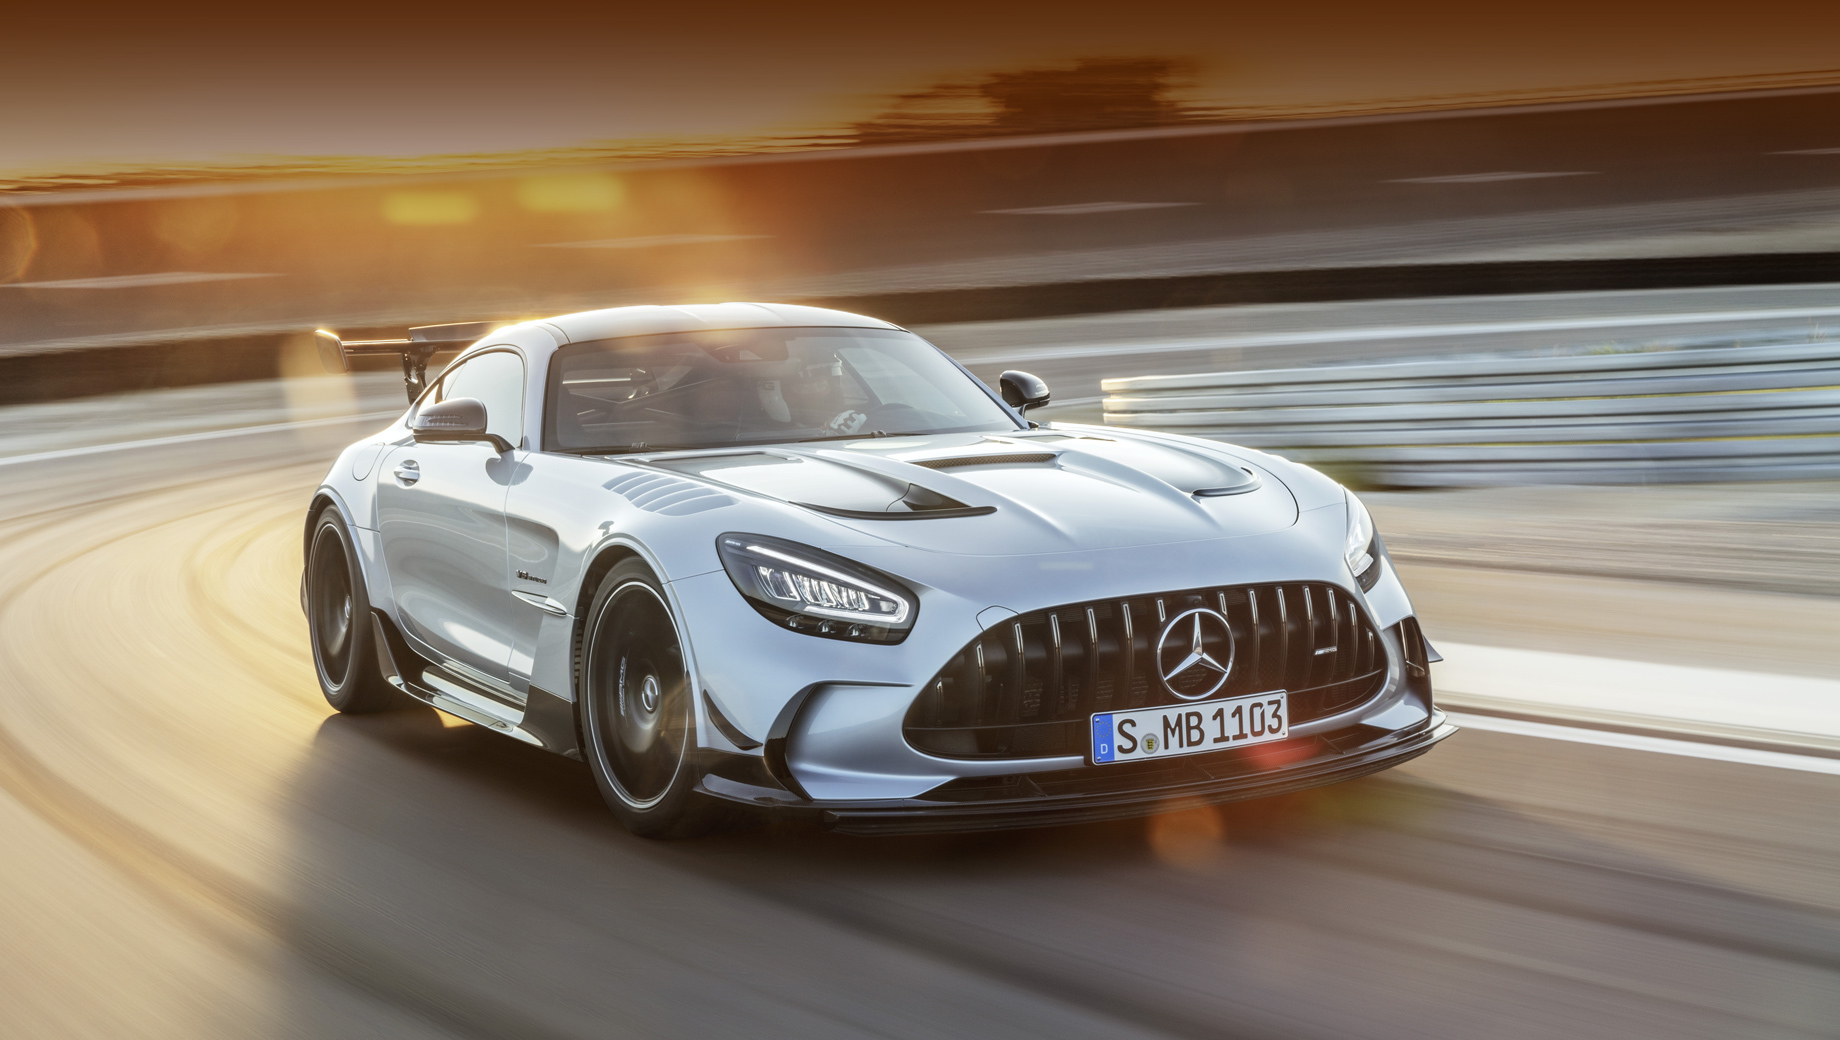 Mercedes amg gt,Mercedes amg gt black. Перед нами самый мощный дорожный Mercedes, не считая лимитированного гиперкара Mercedes-AMG One, и обладатель самого мощного из всех времён мотора AMG V8. Новичок перенял ряд технических решений у гоночной версии AMG GT3.